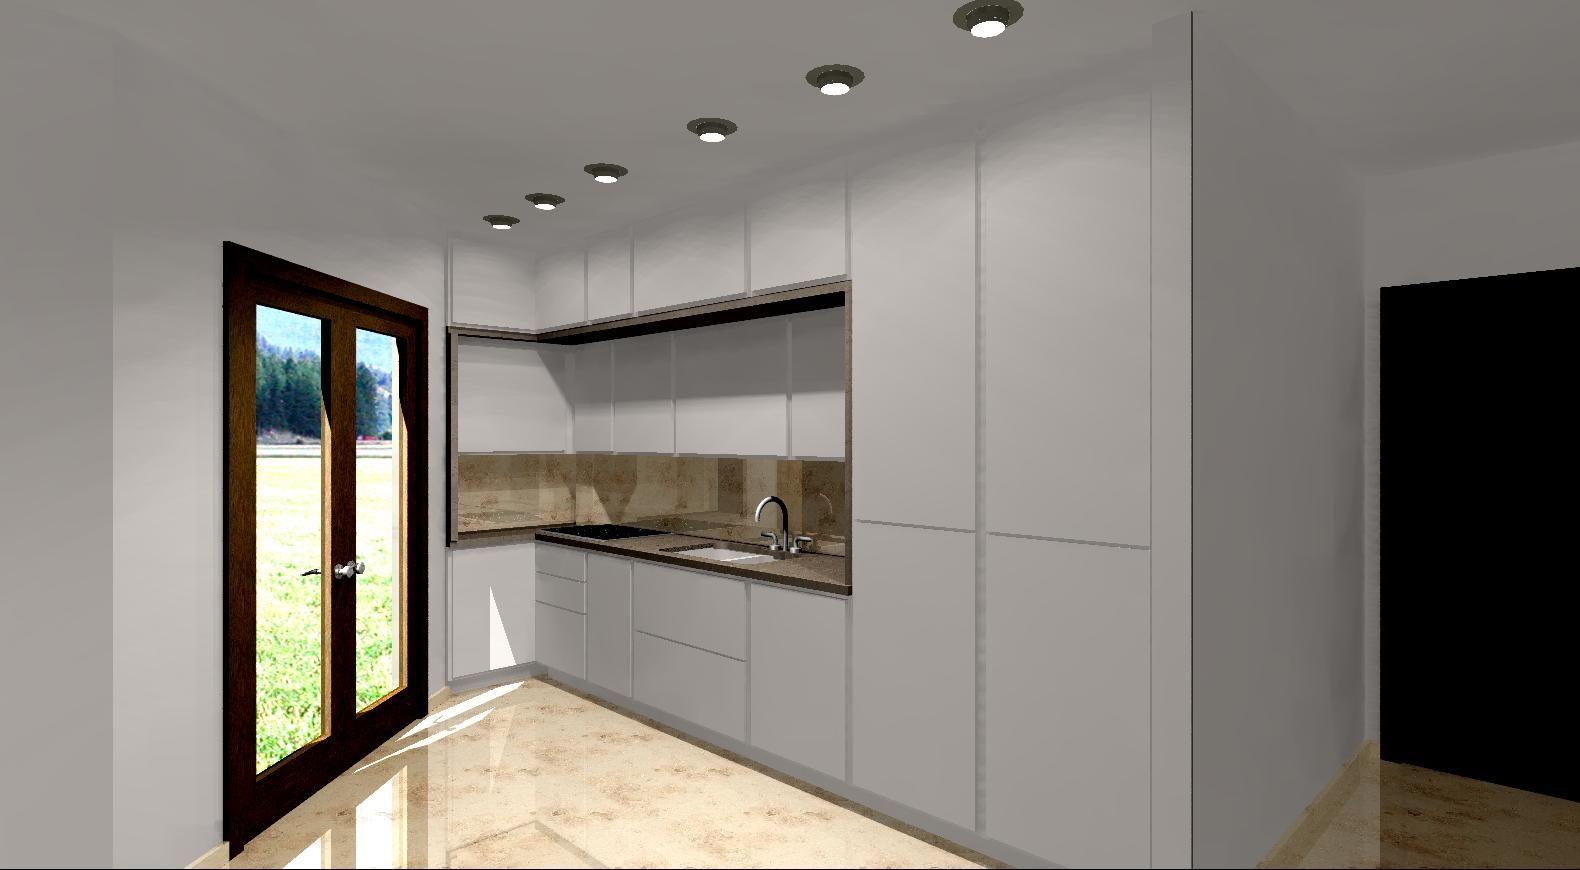 Progetto cucina con pensili a soffitto.